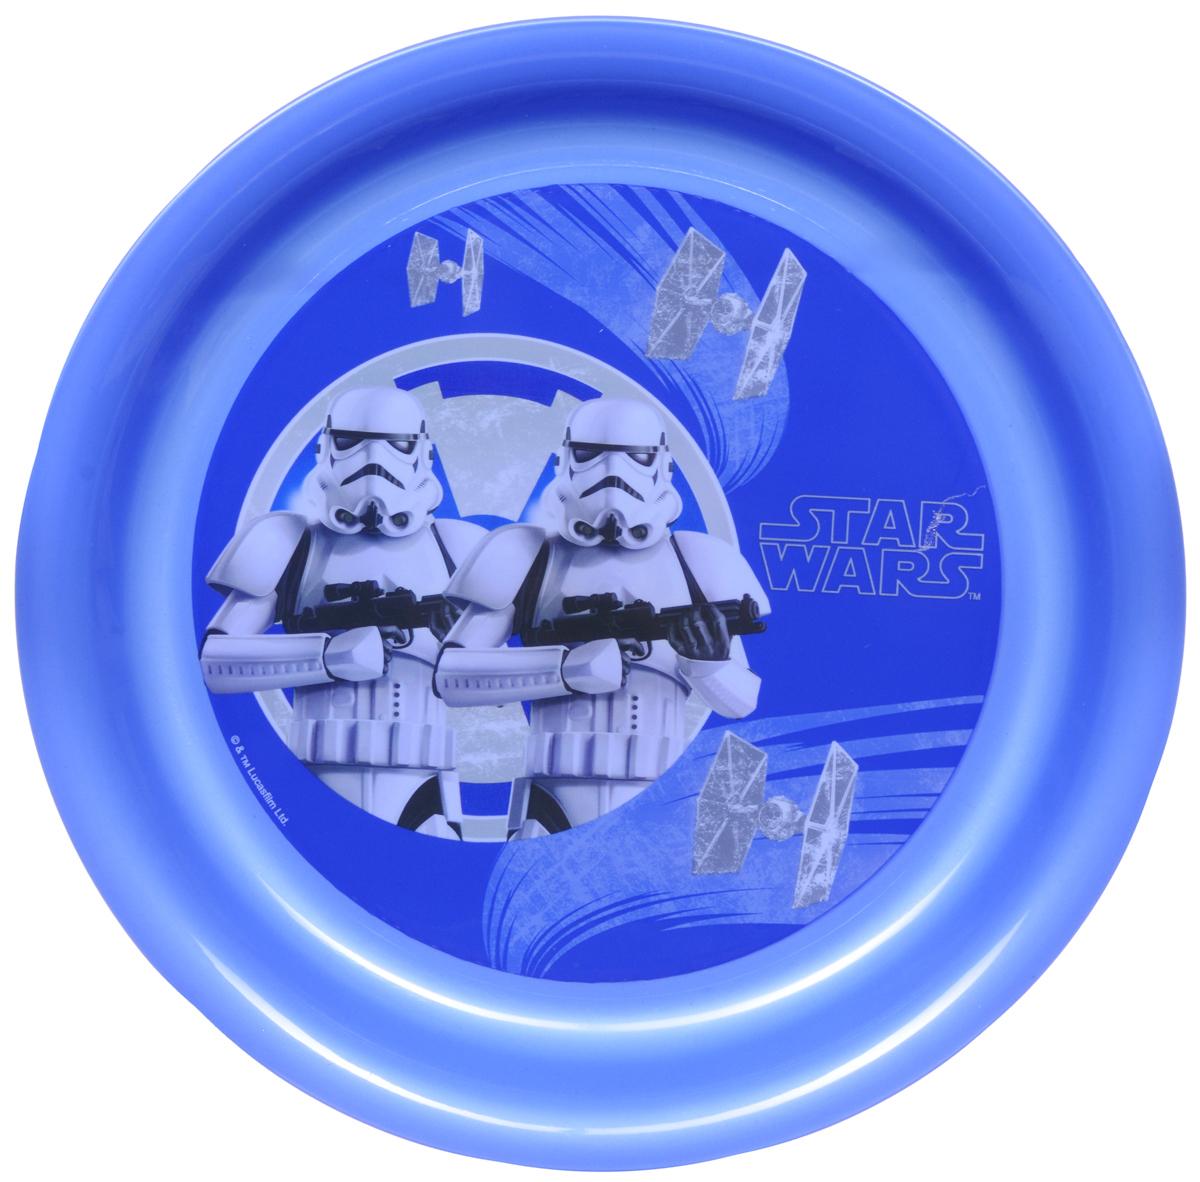 Star Wars Тарелка детская Штурмовики диаметр 19 смSWP19-02Детская тарелка Star Wars Штурмовики станет отличным подарком для любого фаната знаменитой саги. Она выполнена из полипропилена и оформлена рисунком с изображением имперских штурмовиков. Диаметр тарелки: 19 см. Не подходит для использования в посудомоечной машине и СВЧ-печи.